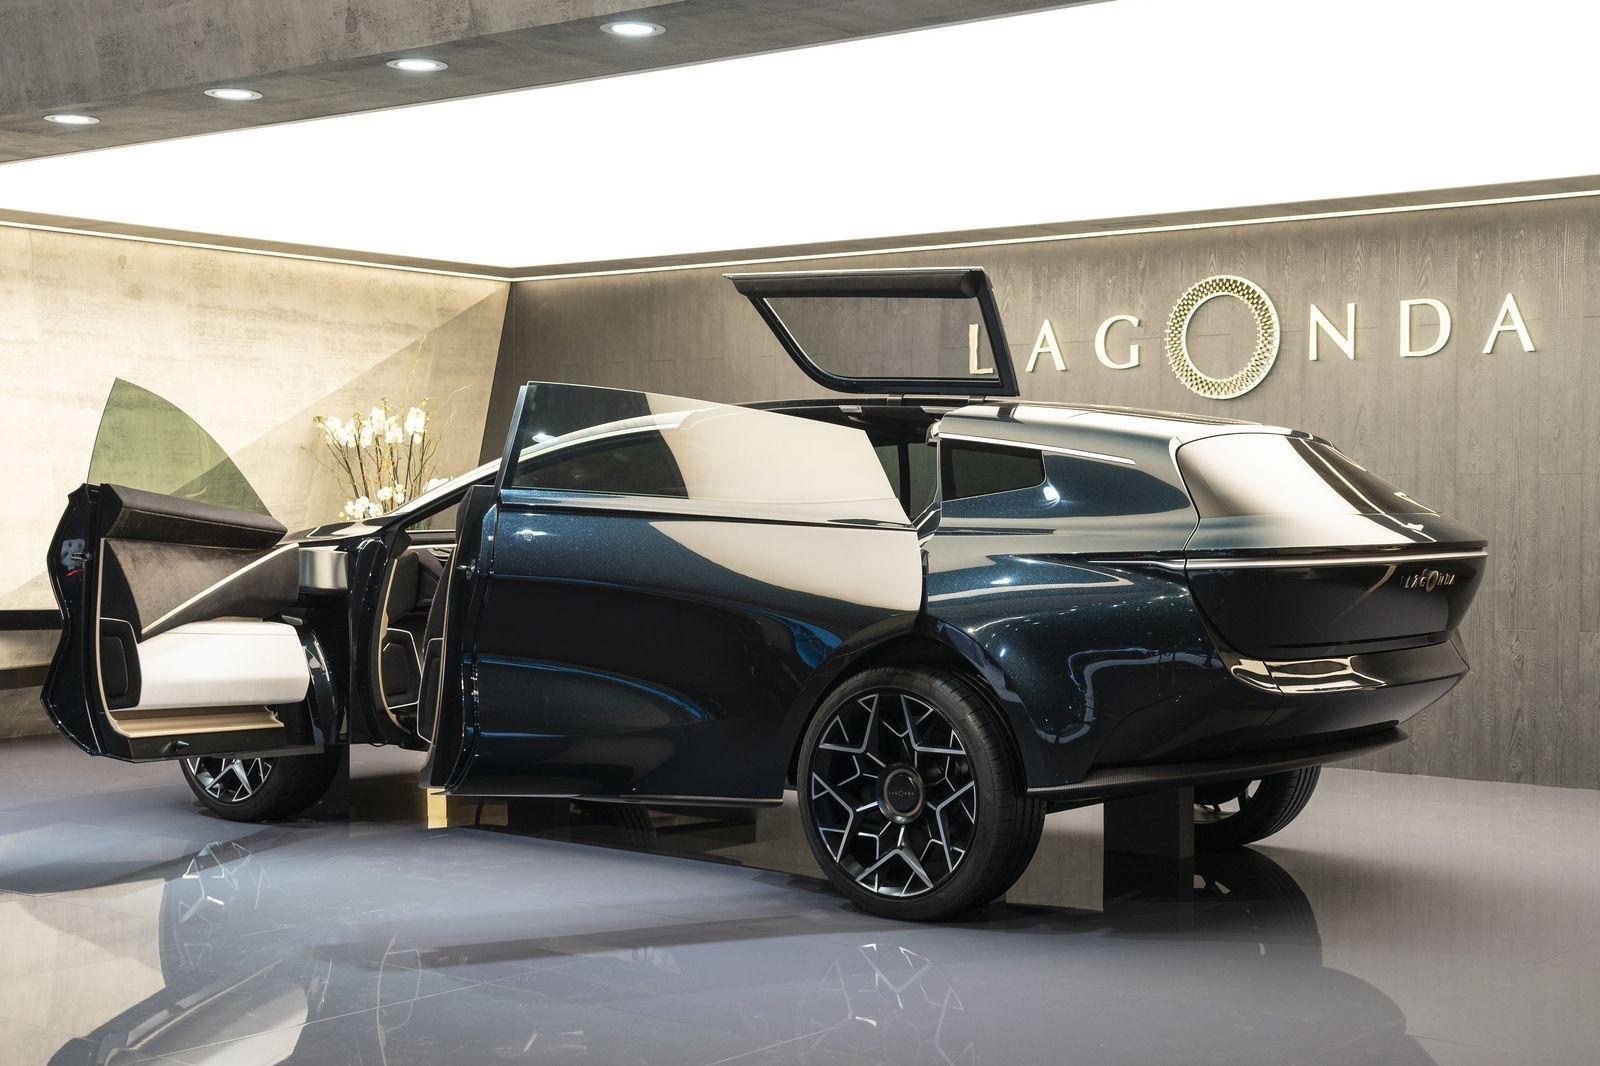 Lagonda_all_terrain_AutoRok_2019__01